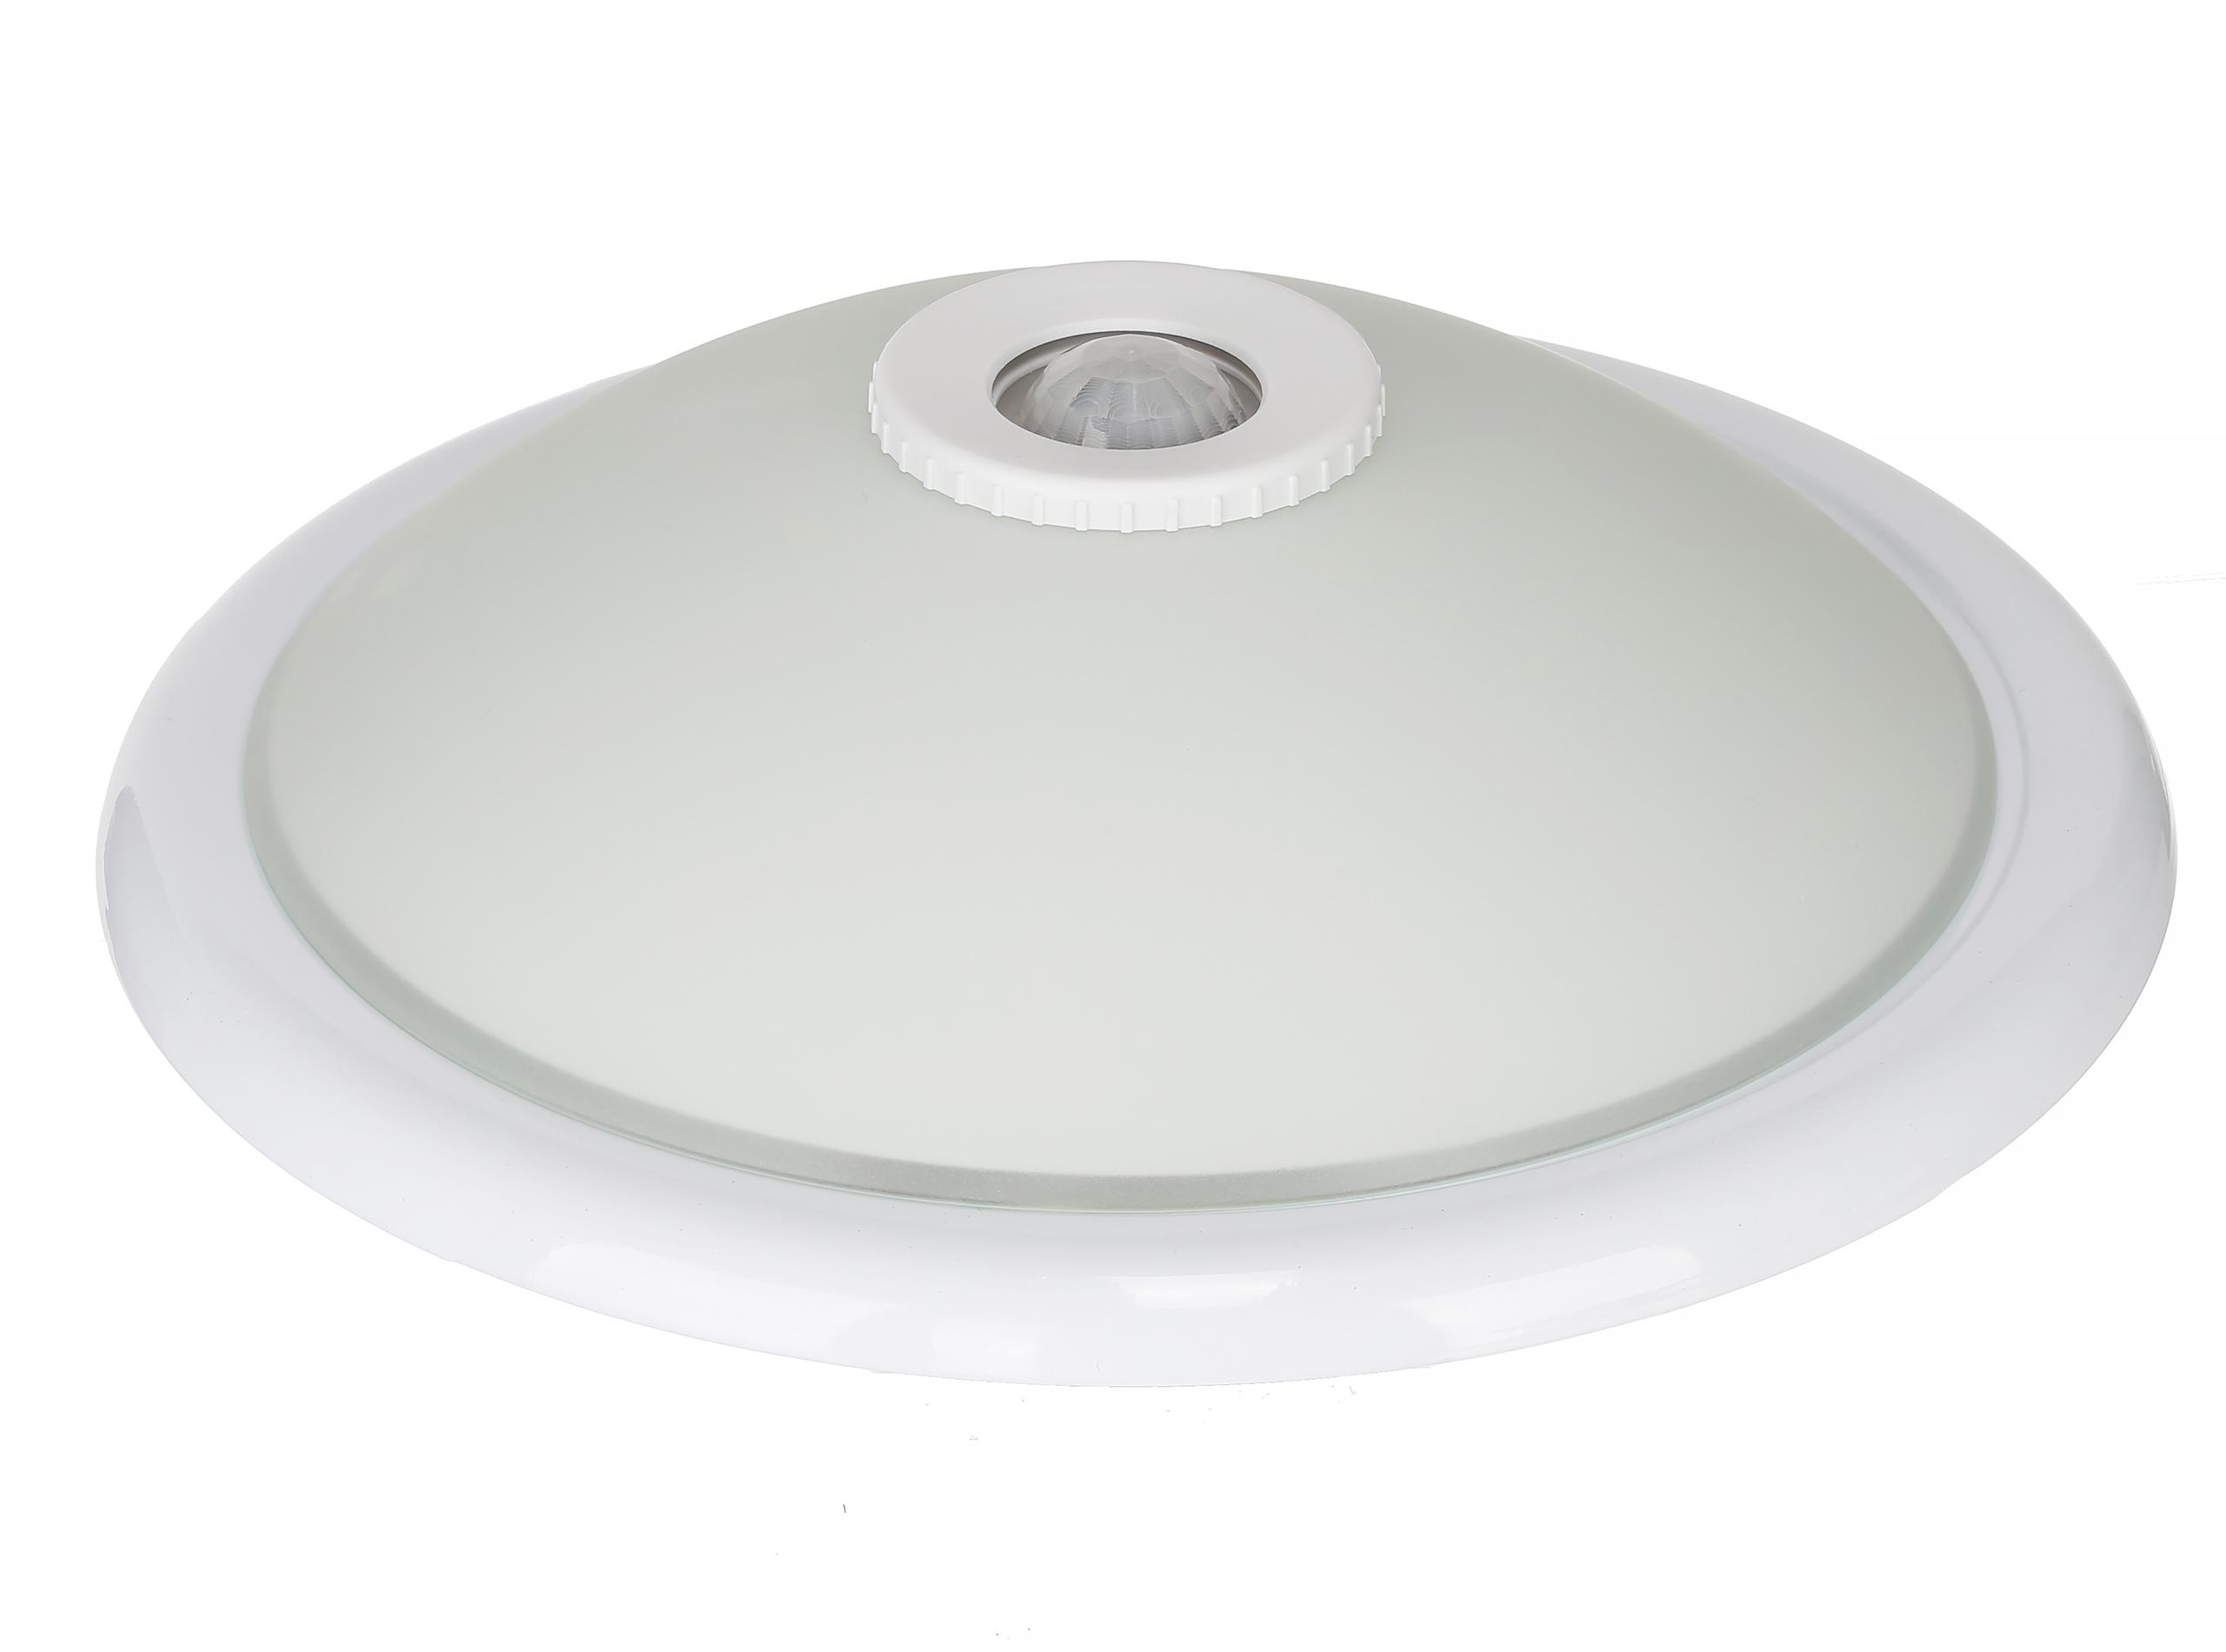 светильник с датчиком движения для подъезда фото